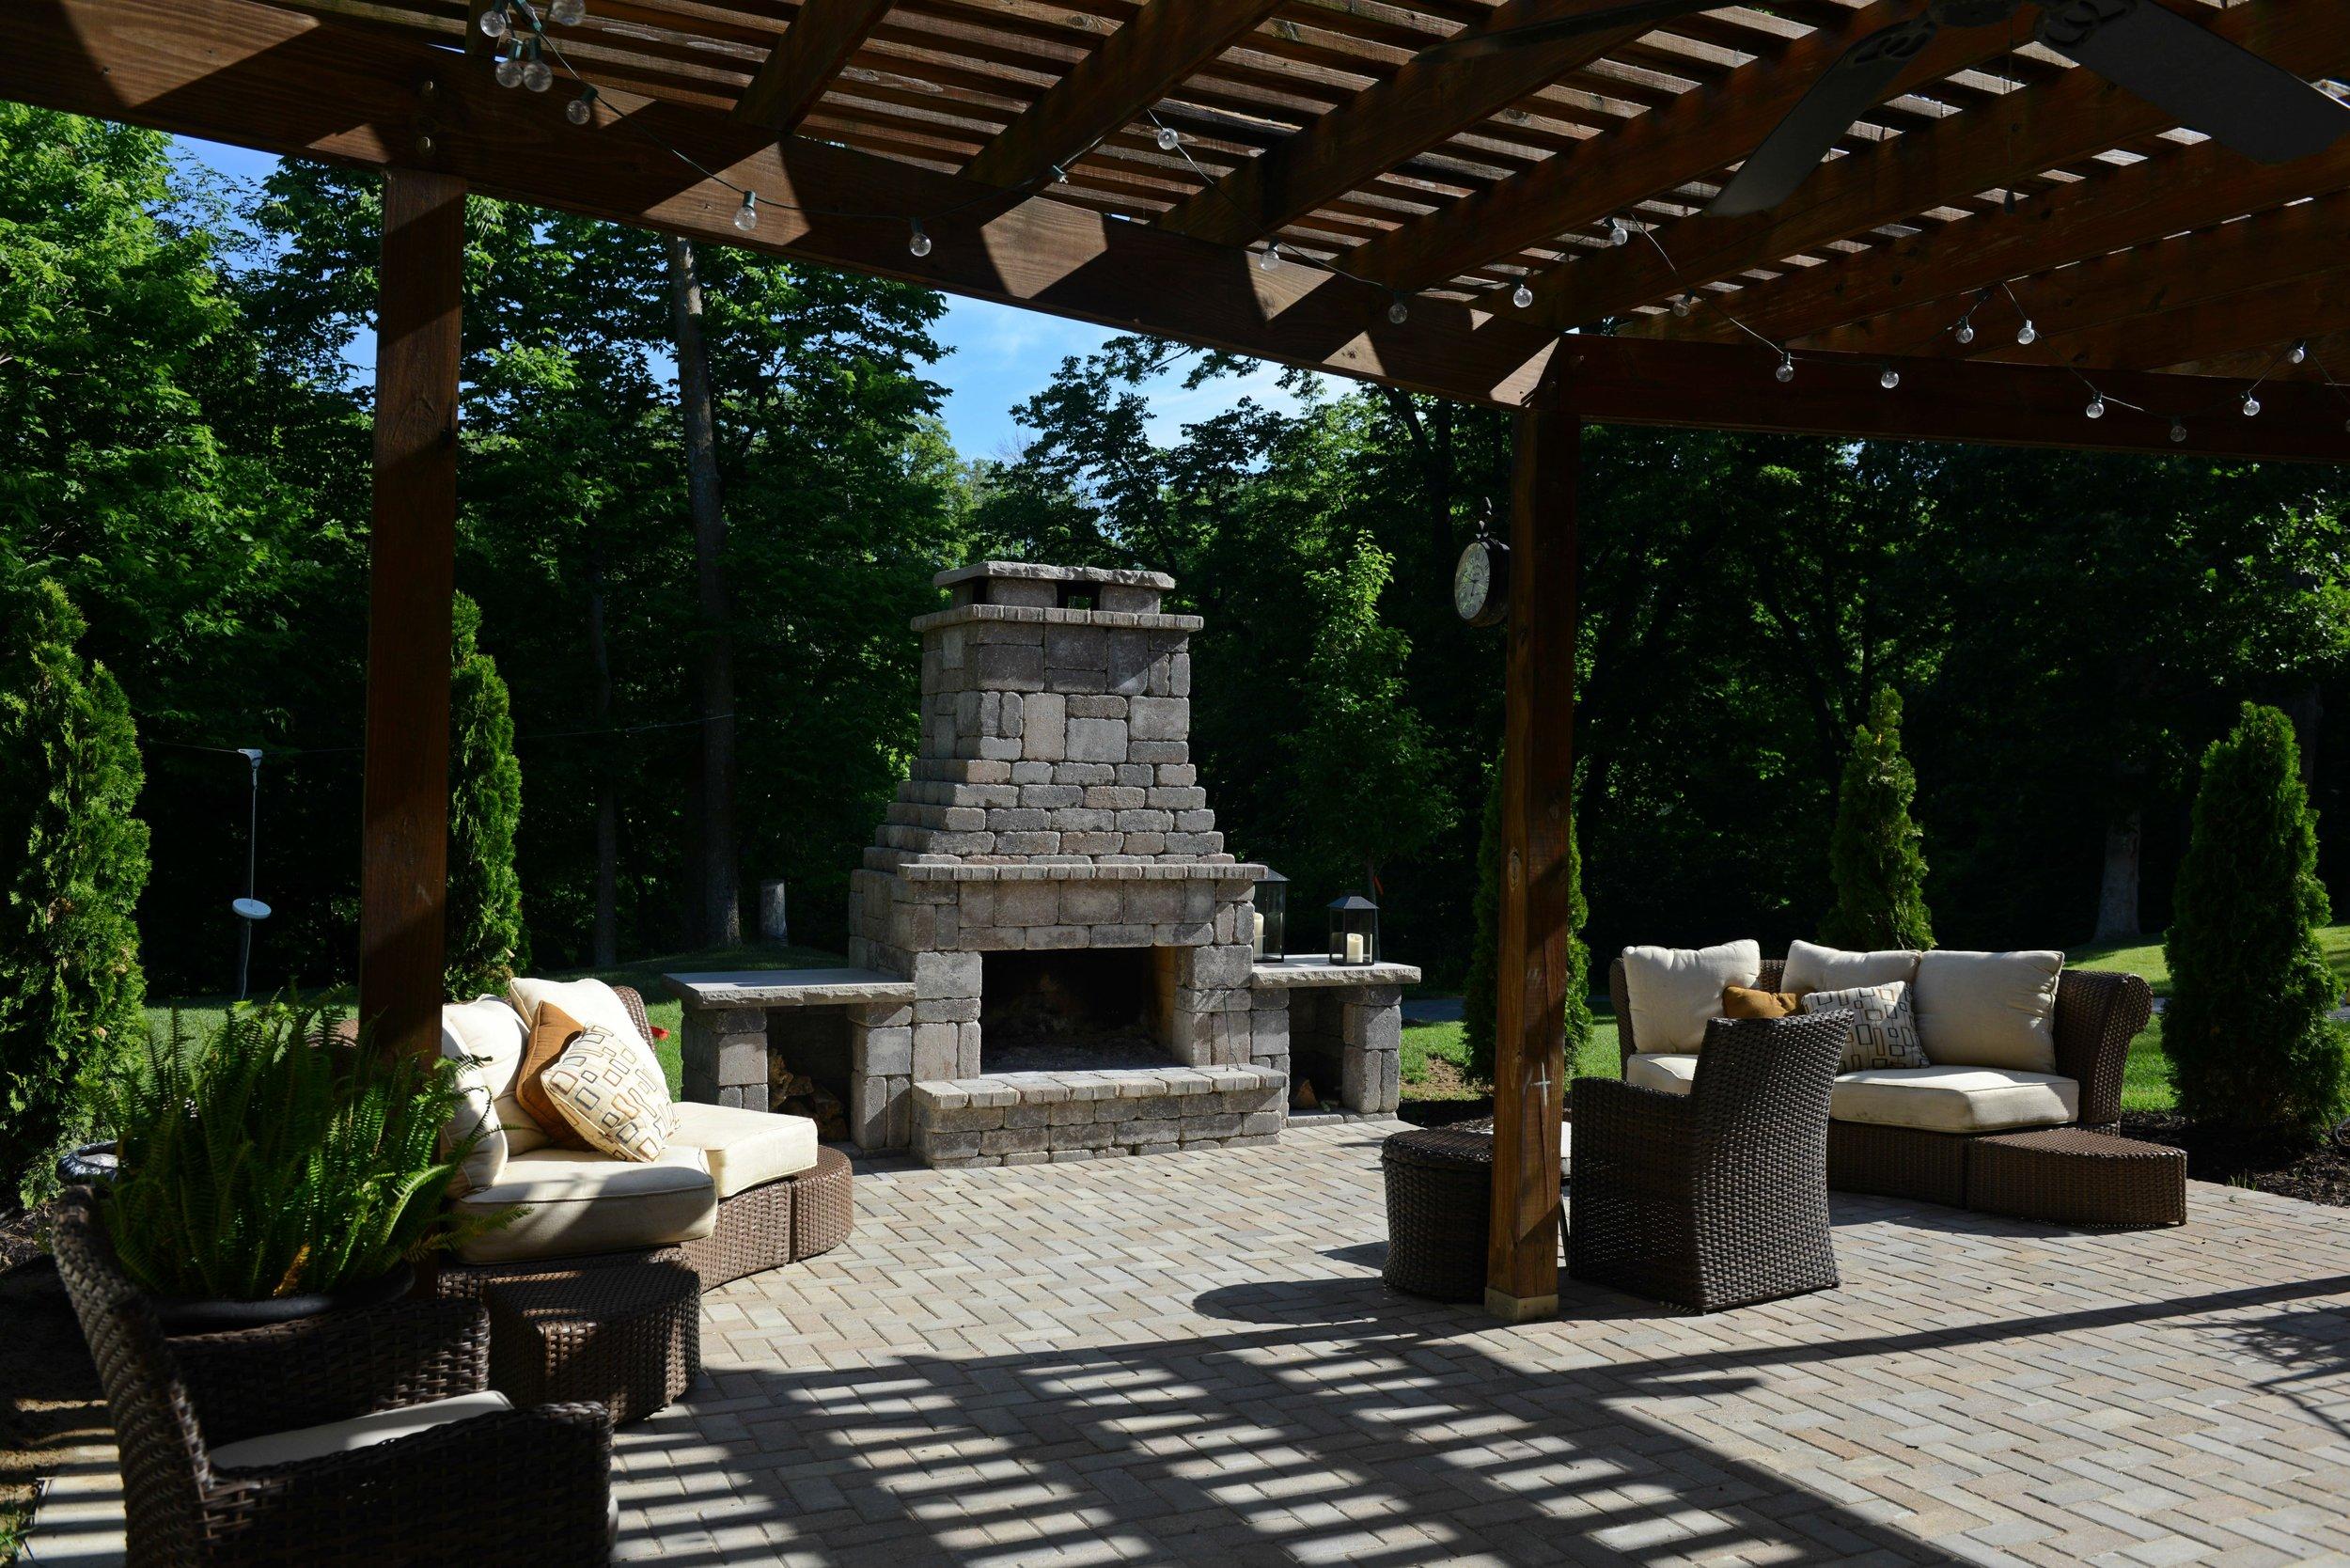 Pergola-Fireplace-Patio.jpg